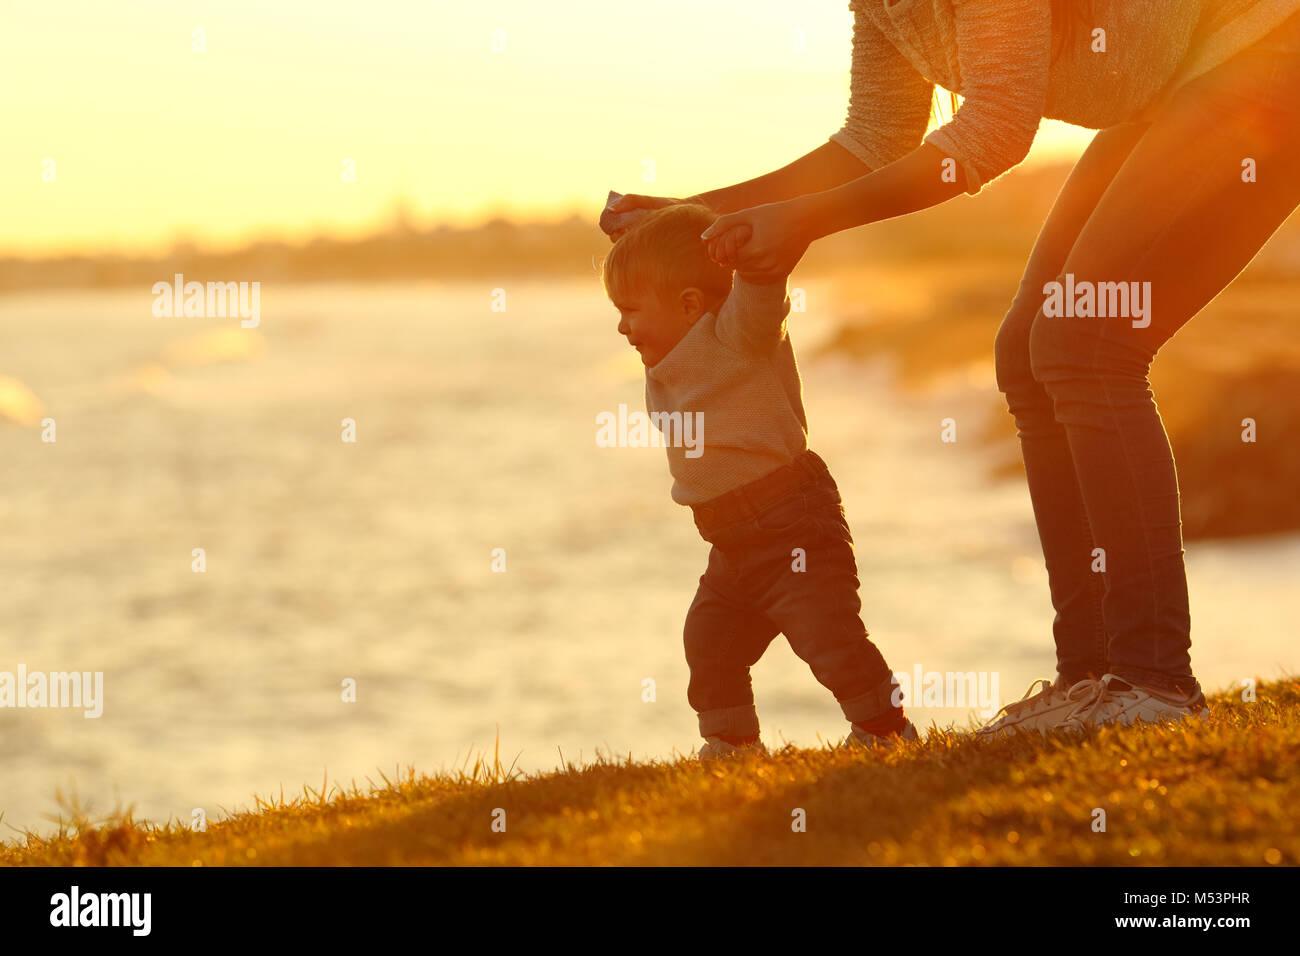 Silueta de una retroiluminación confía el bebé aprende a caminar, y su mamá le ayuda al atardecer Imagen De Stock